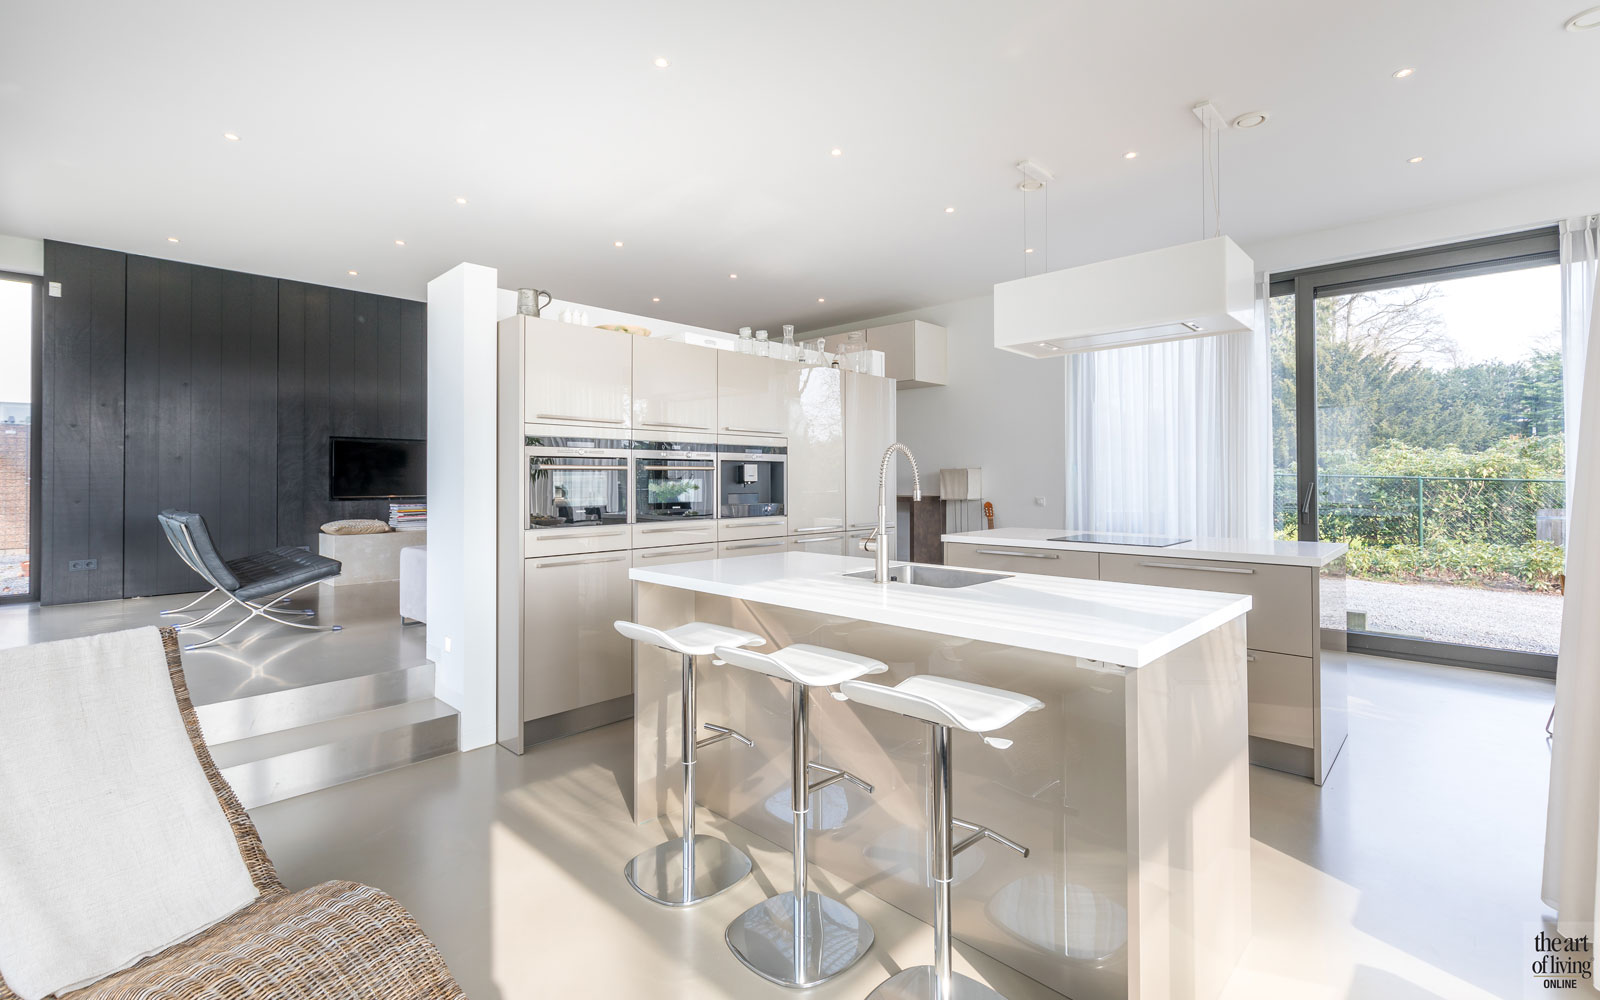 Keuken, aanrecht, kookeiland, oven, afzuigkap, Novy, royaal, duurzame villa, De Vries & Theunissen